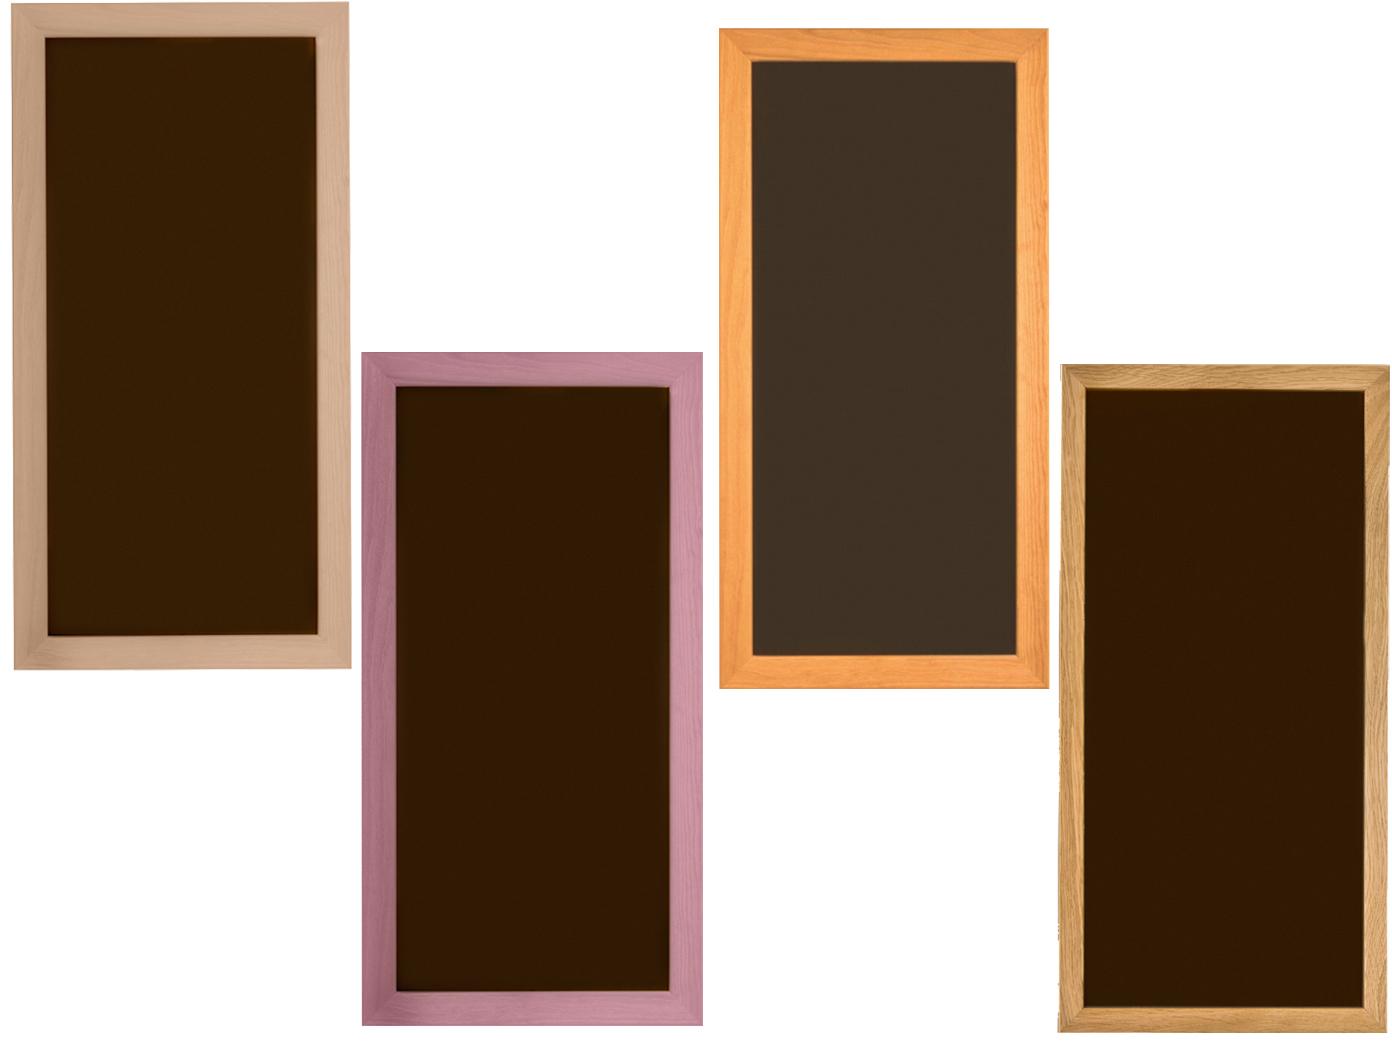 aufbewahrungen mehr als 10000 angebote fotos preise seite 45. Black Bedroom Furniture Sets. Home Design Ideas